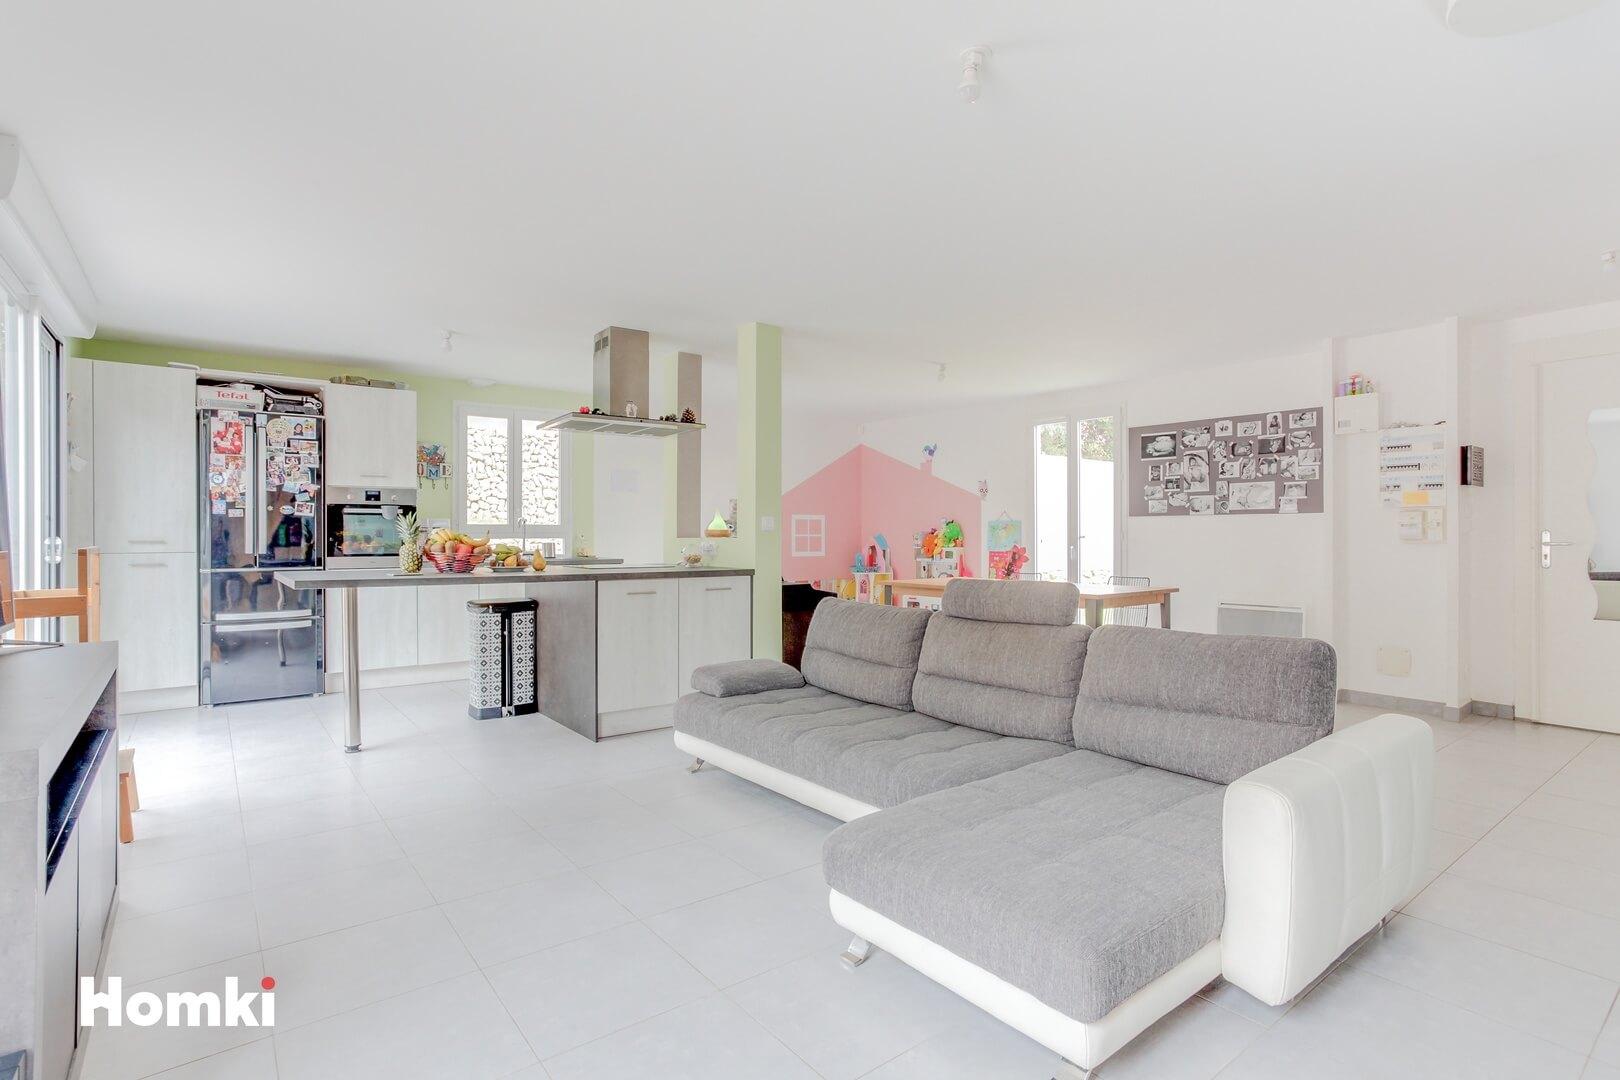 Homki - Vente Maison/villa  de 109.0 m² à Marseille 13013